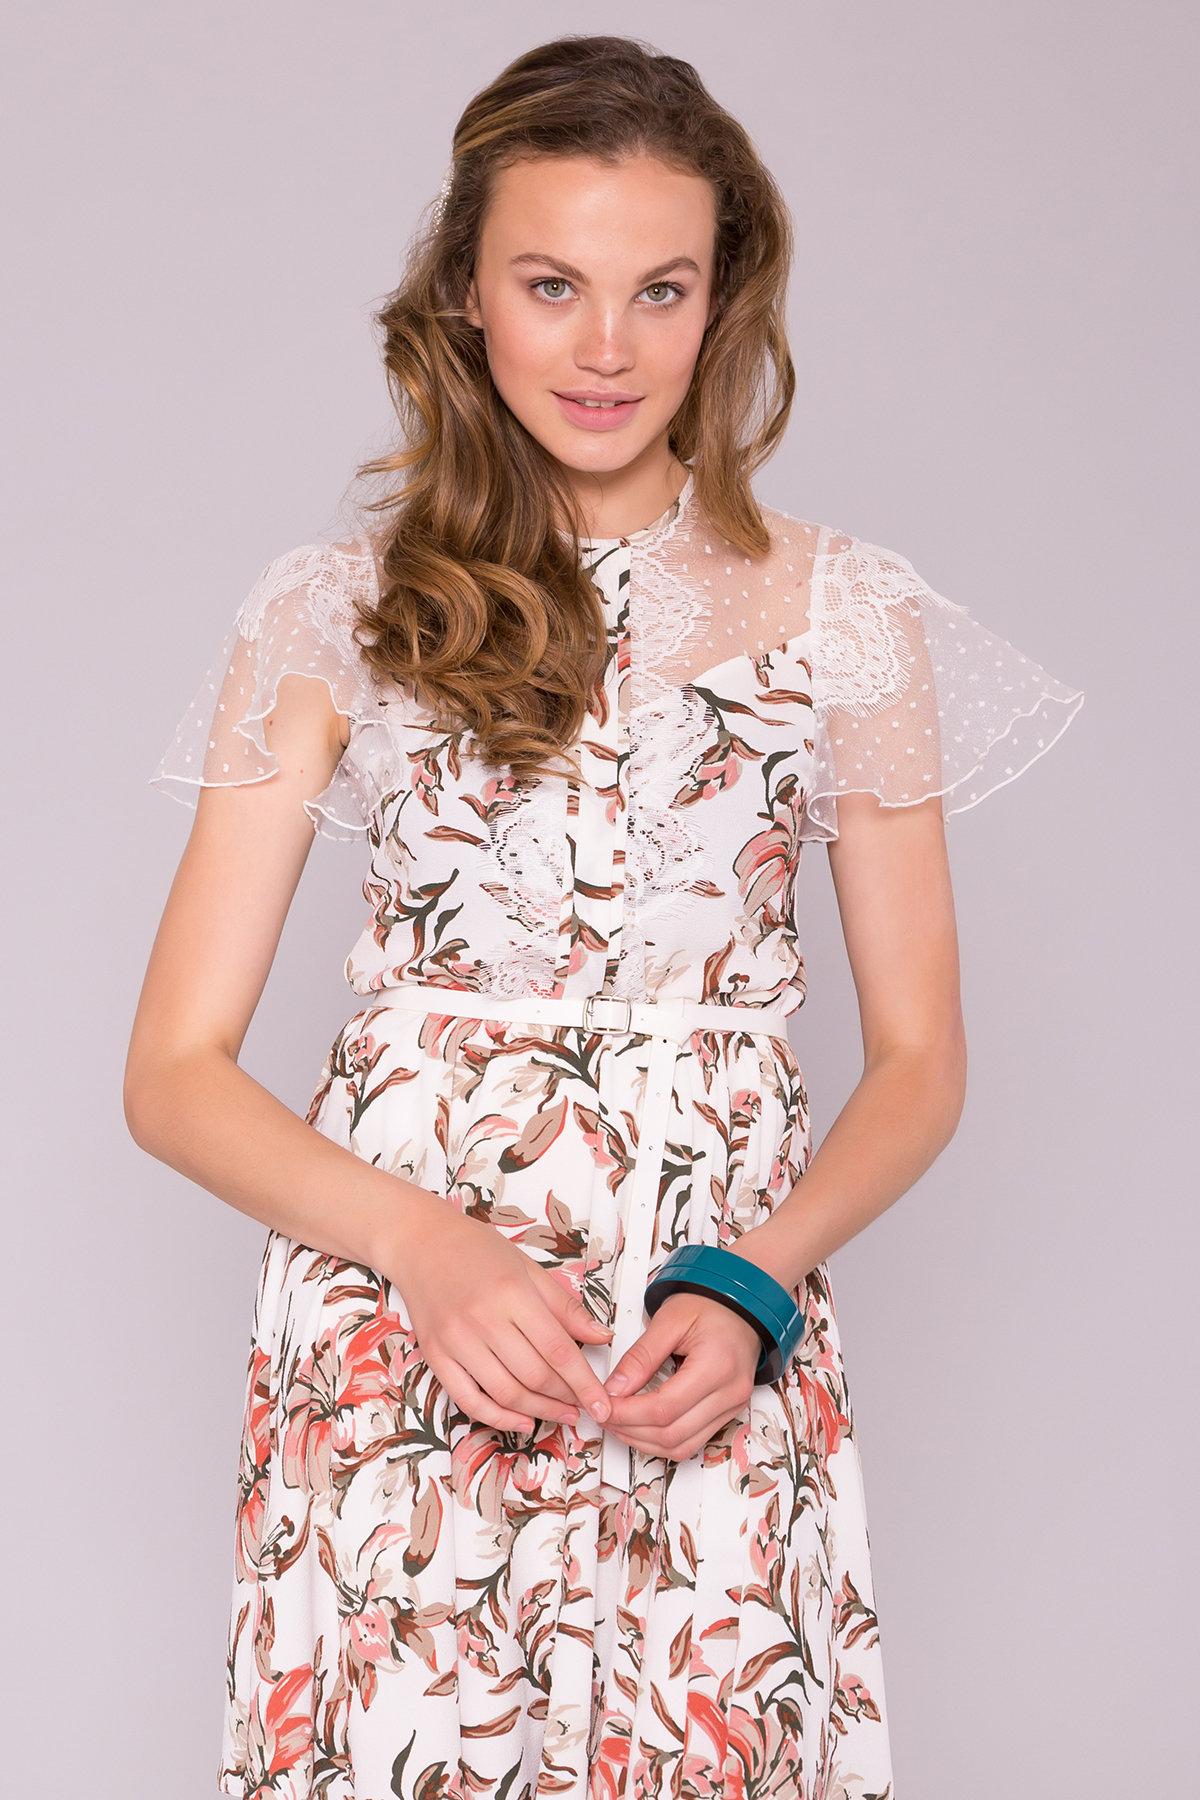 Легкое Платье Ламара 7221 АРТ. 42784 Цвет: Лилии коралл/молоко - фото 5, интернет магазин tm-modus.ru